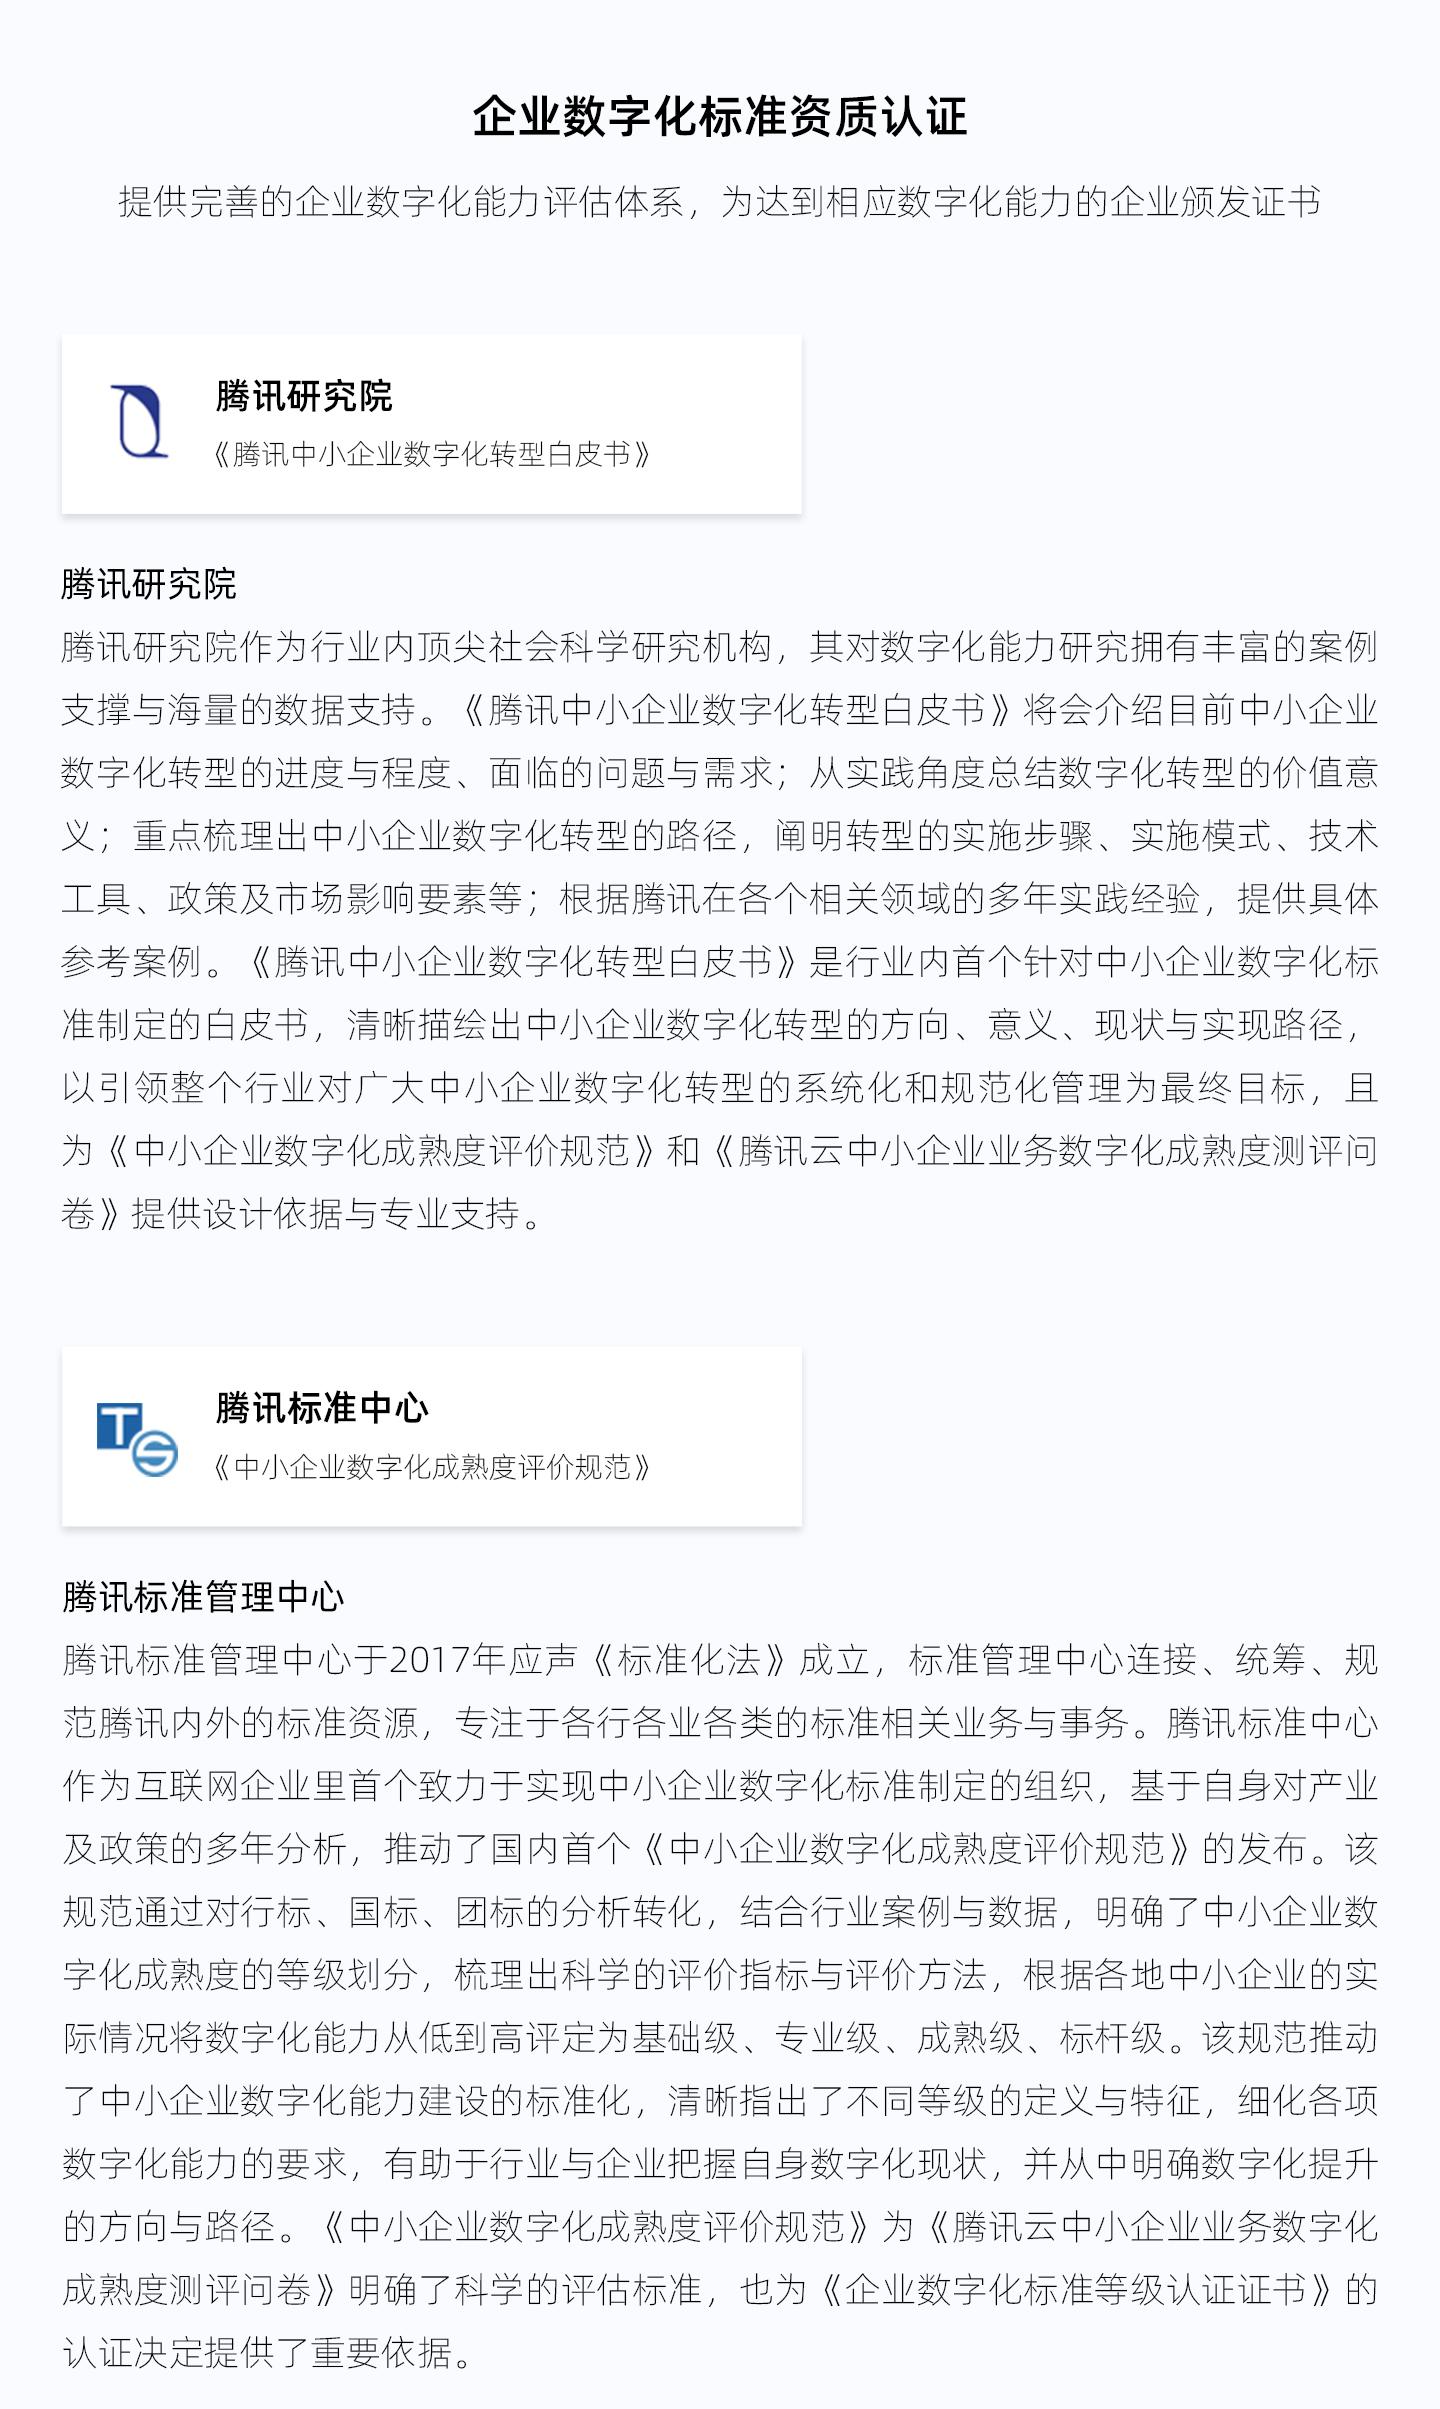 腾讯金牛企业会员-1440_05.jpg